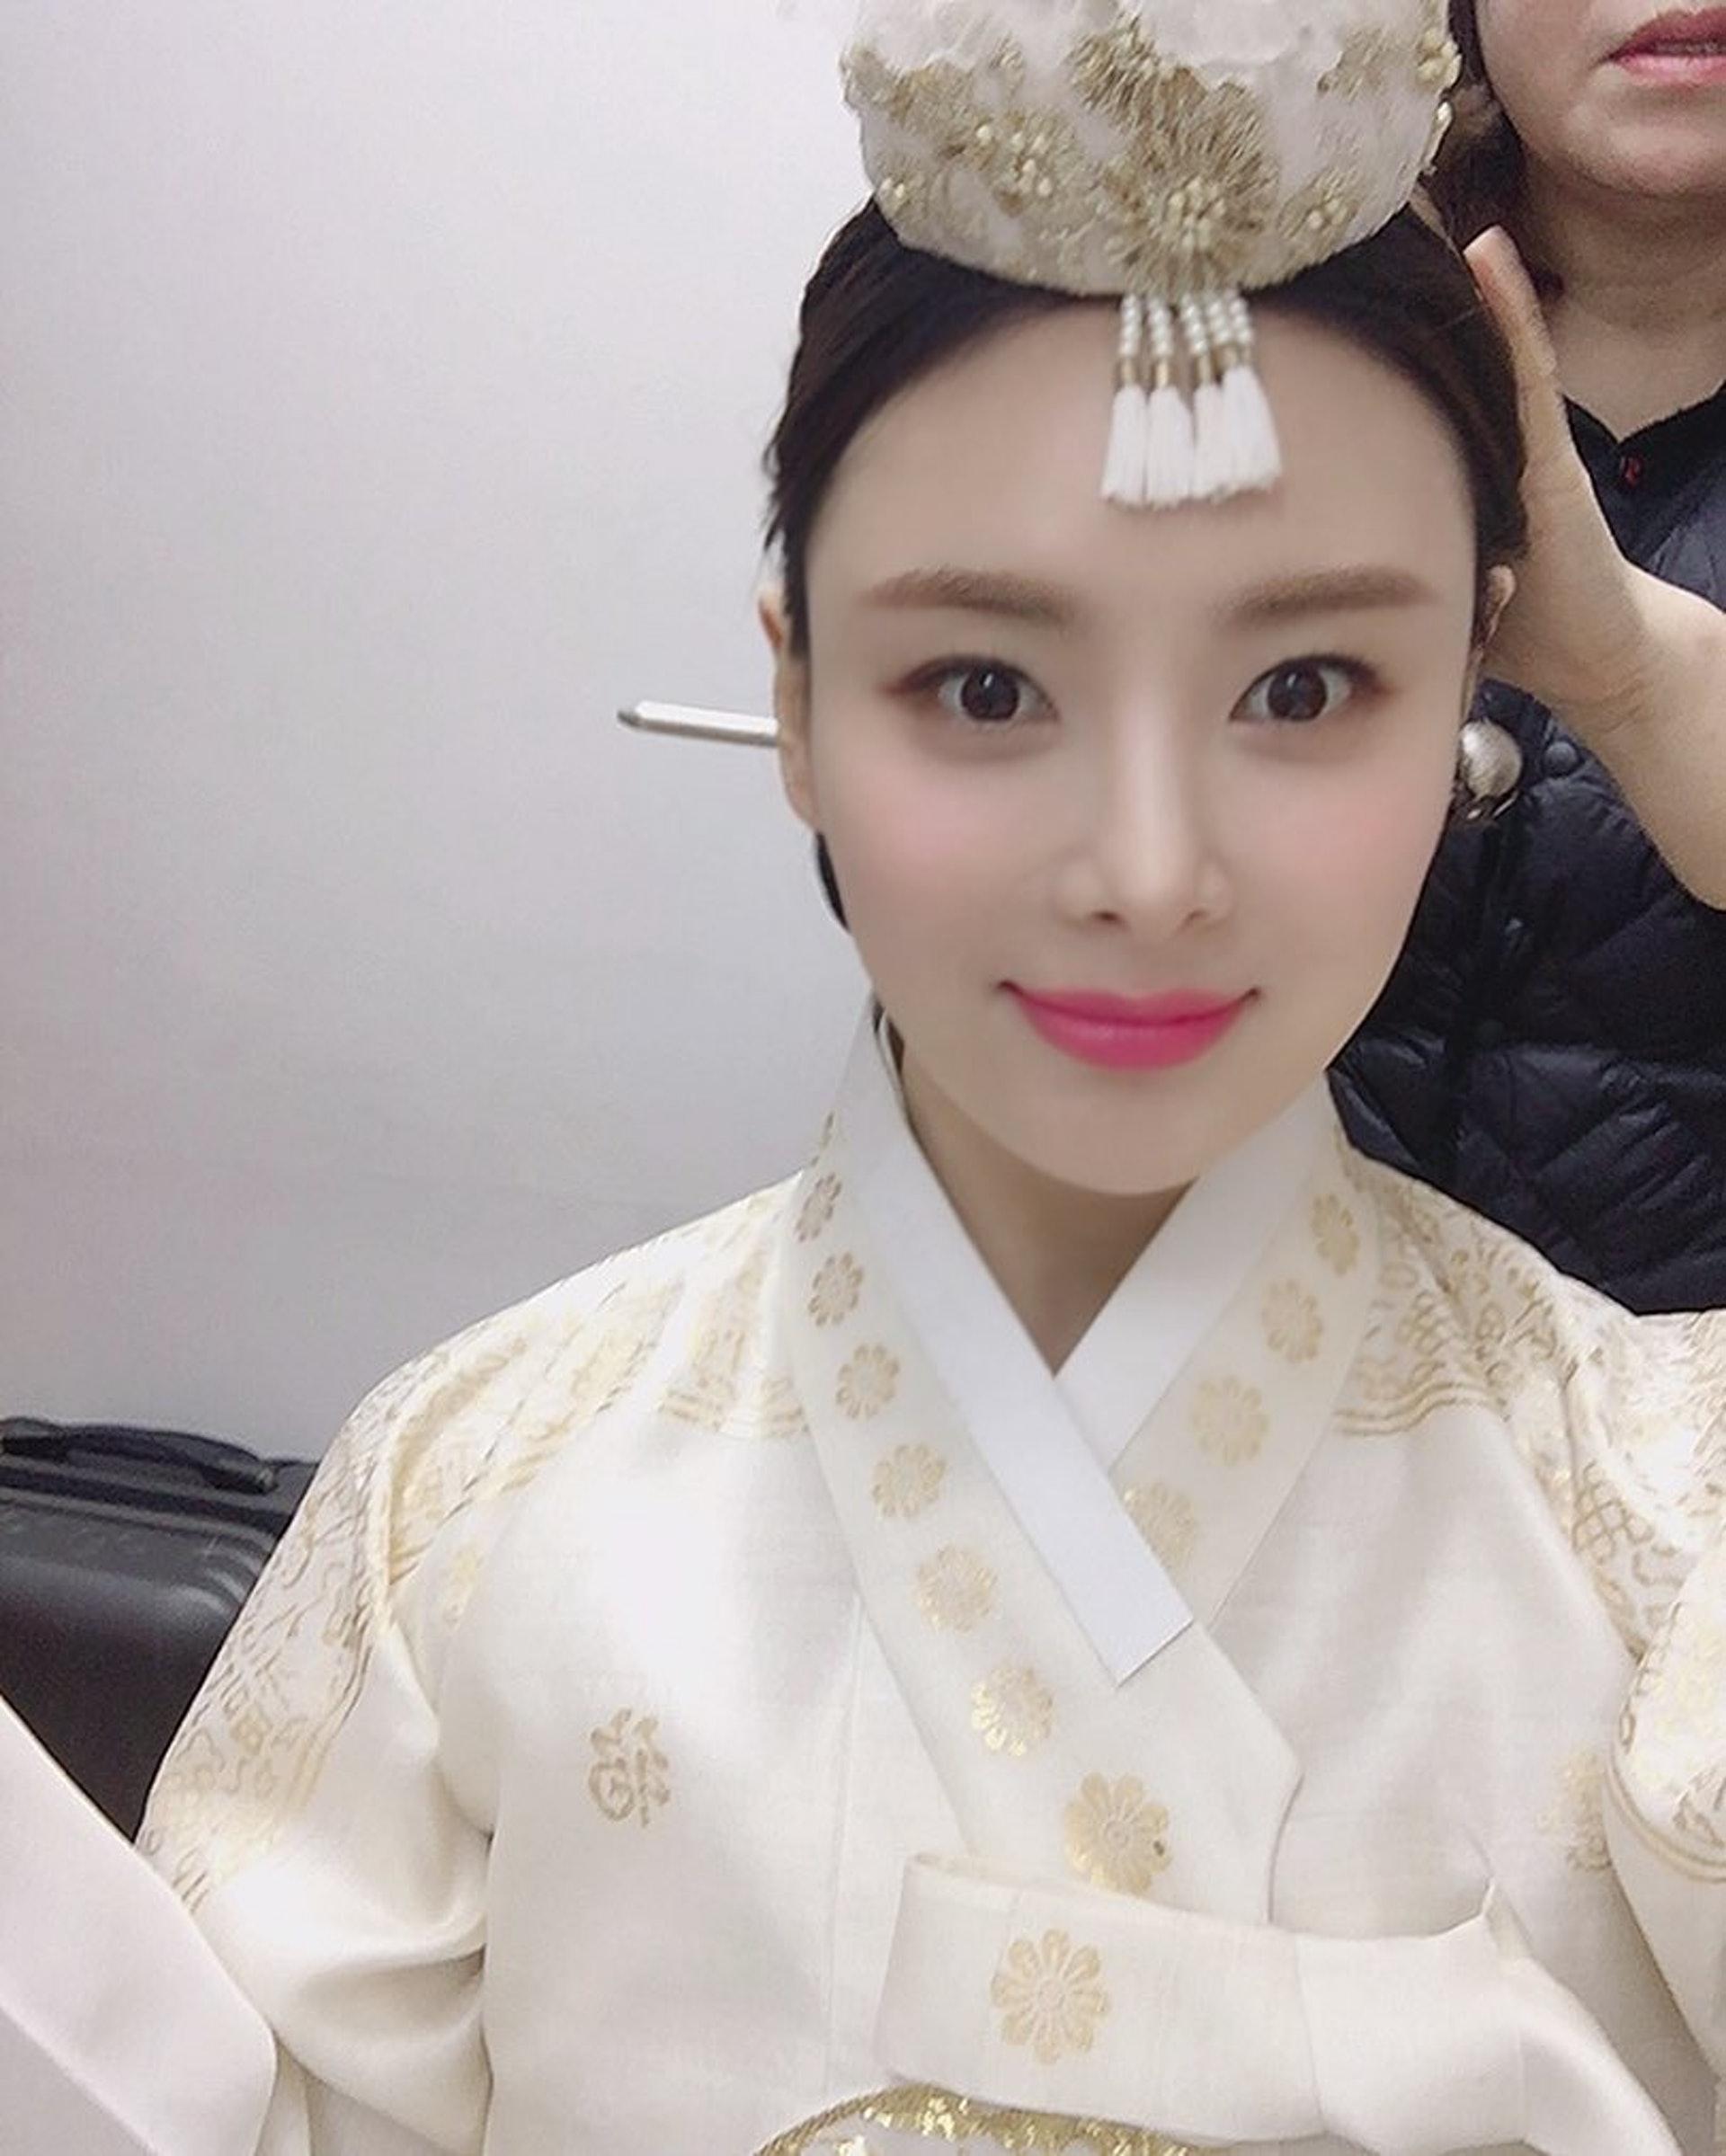 韓智星今年三月結婚,卻在新婚不久意外身亡,令人惋惜。(網上圖片)